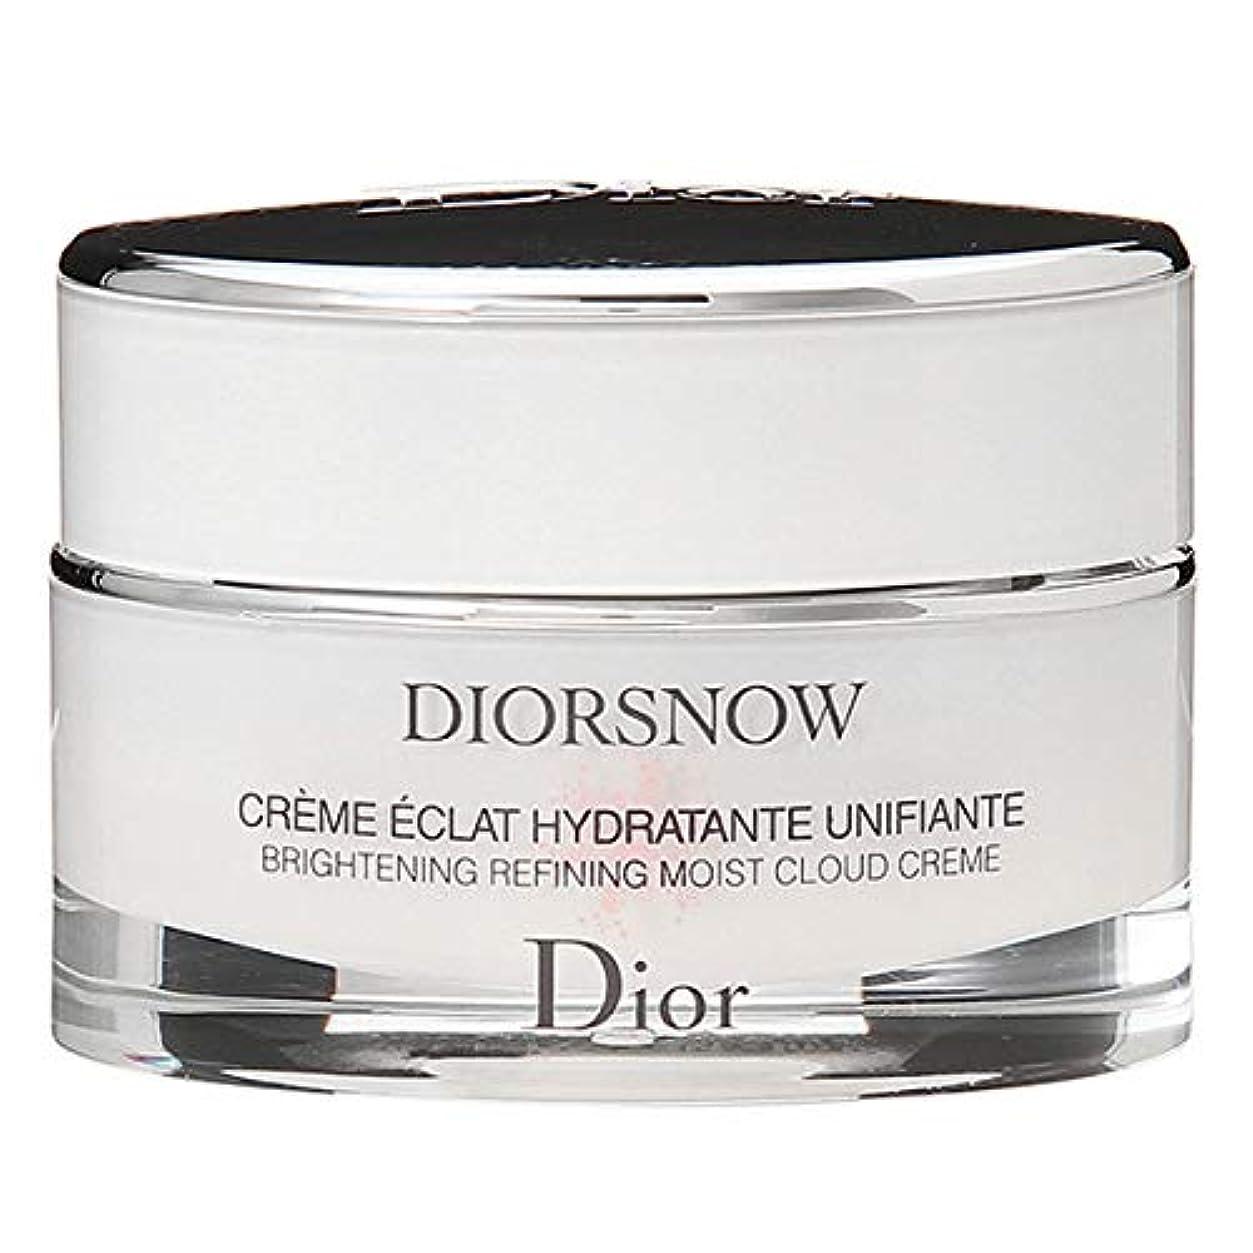 鯨ウェイトレス秘密のクリスチャンディオール Christian Dior ディオール スノー ブライトニング モイスト クリーム 50mL [並行輸入品]